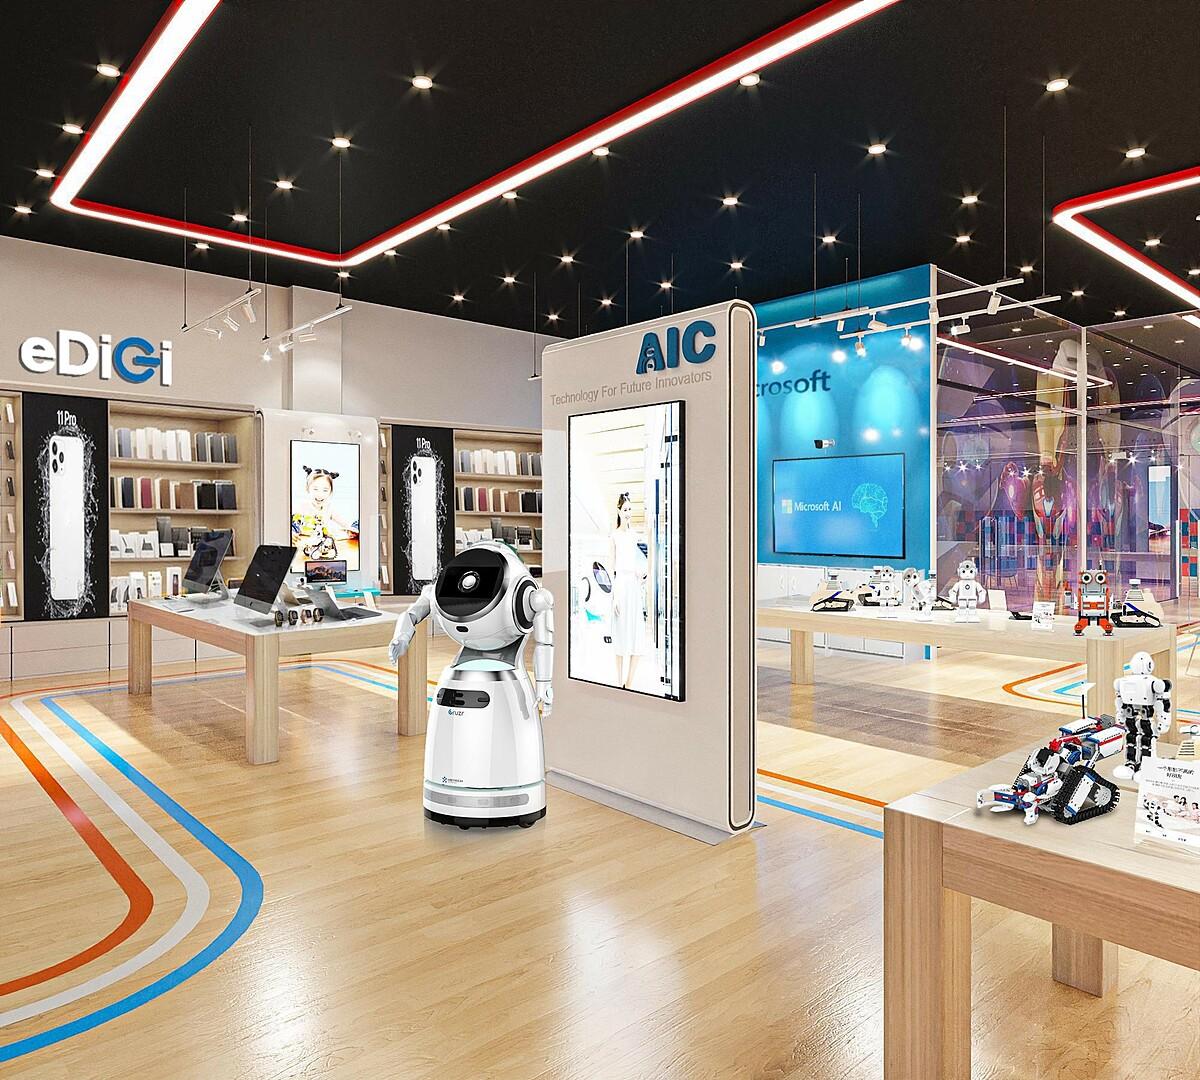 Ngoài là nơi tổ chức triển lãm, hội thảo, trung tâm AIC còn trưng bày nhiều mô hình robot, sản phẩm công nghệ trí tuệ nhân tạo... cho sinh viên và những người đam mê công nghệ đến thưởng thức, chiêm ngưỡng. Ảnh phối cảnh.